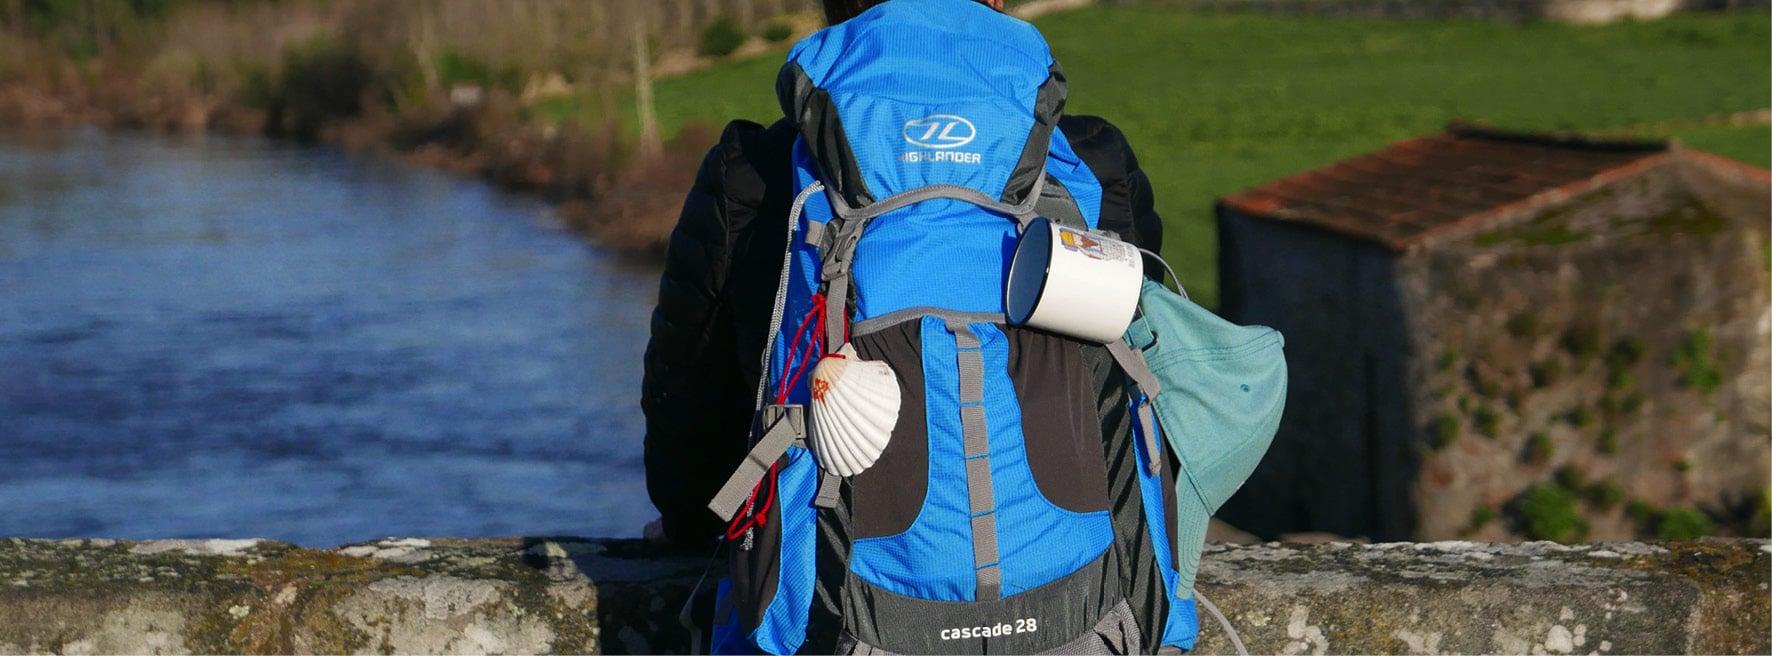 Highlander Cascade la mochila del camino!